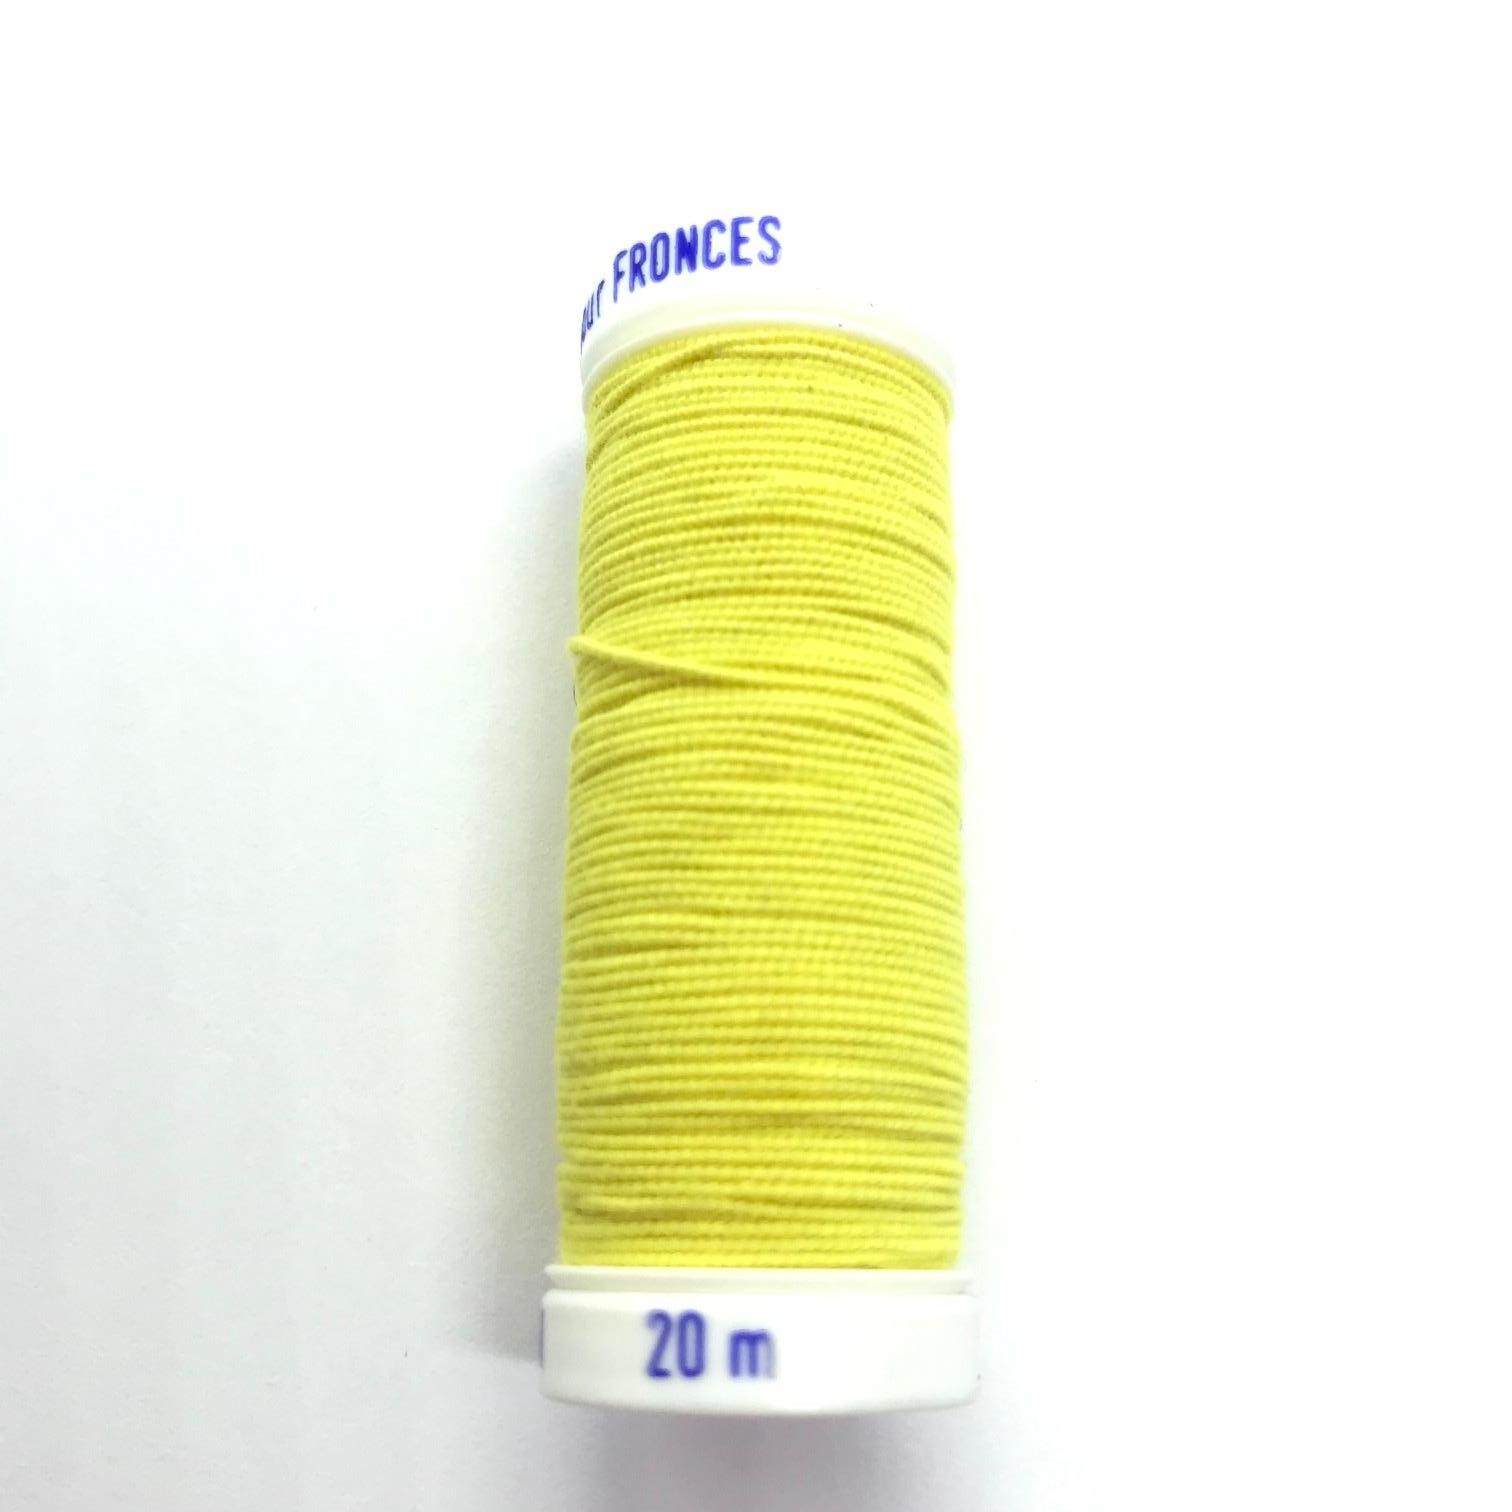 Fil elastique pour fronces 1cm de diametre 20m jaune